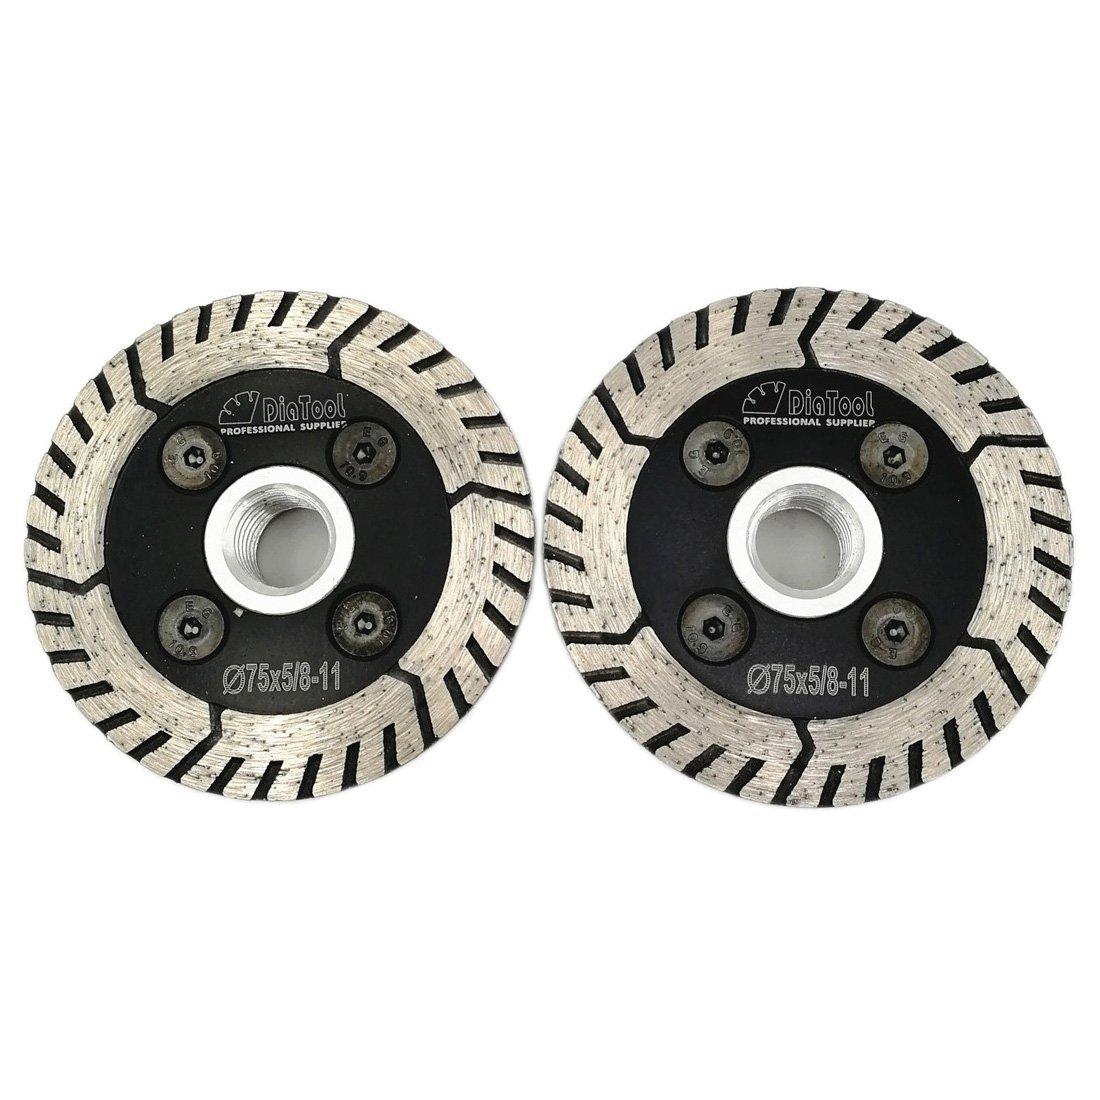 Disco de Diamante SHDIATOOL Pulido Paquete de 3 pulg. de 2 Disco dobles Corte rectificado Afilado para mármol granito Ho